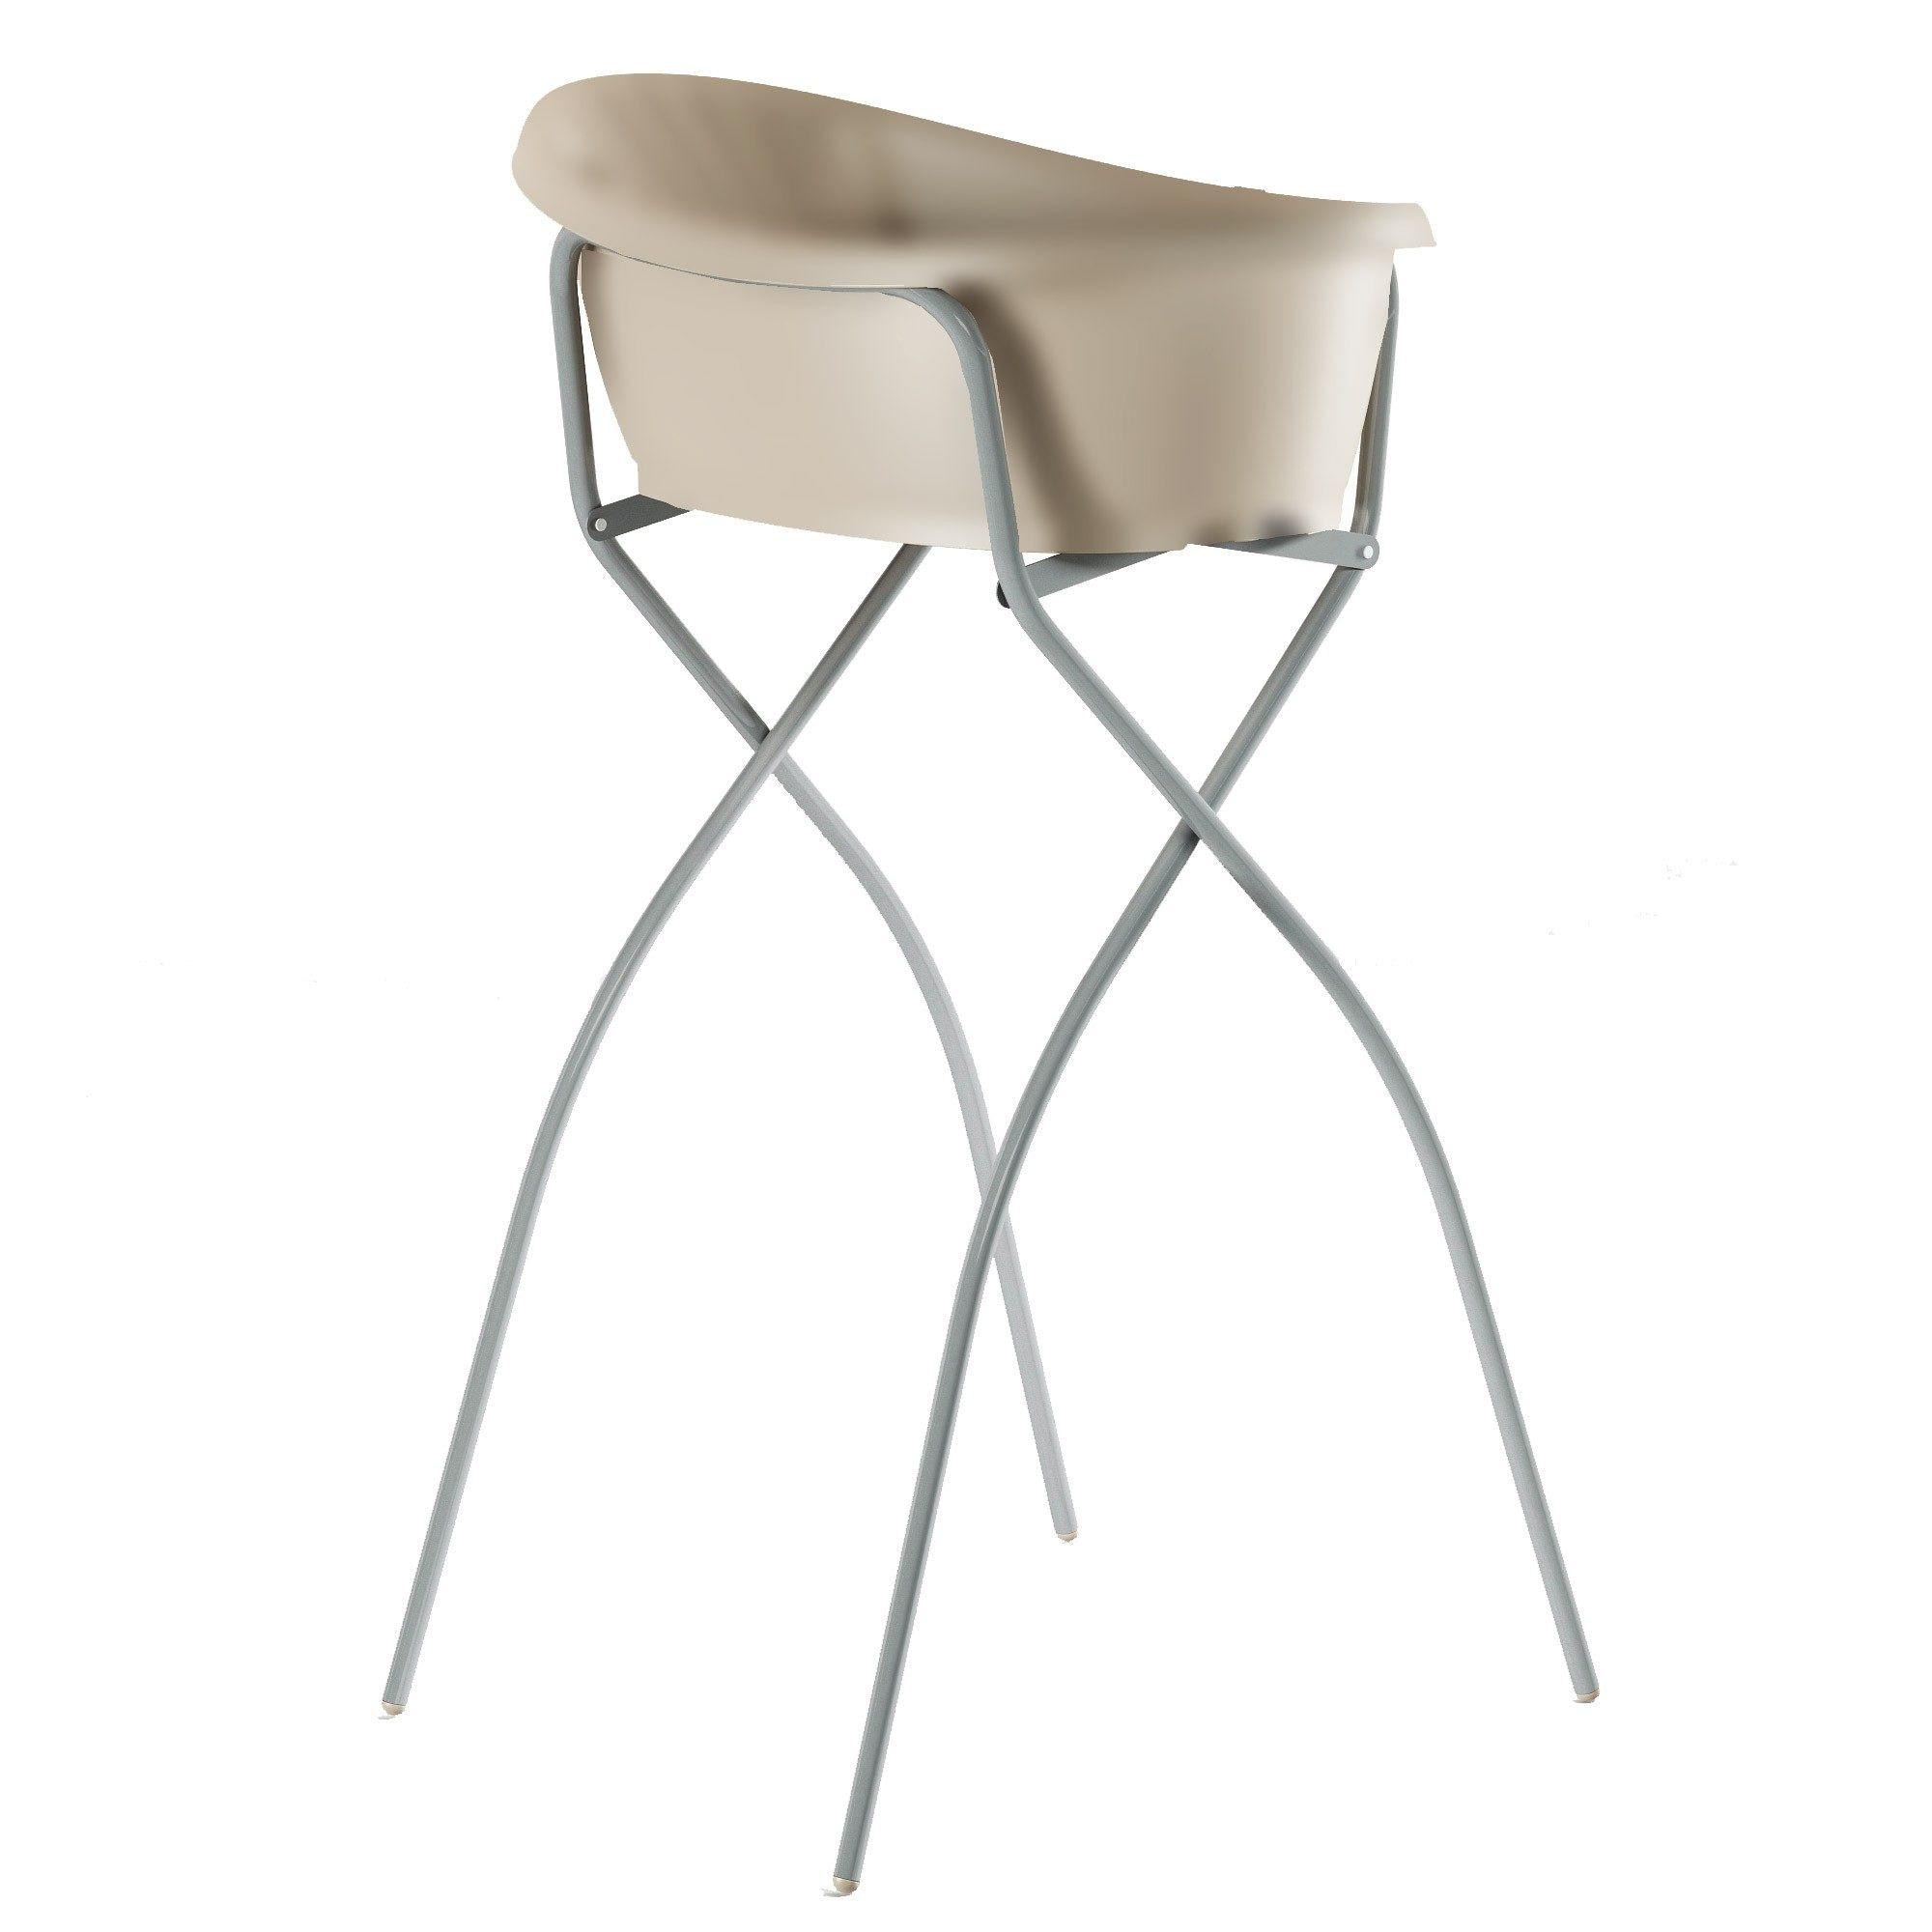 Lit Bébé Table à Langer Inspirant Baignoire Ronde Bébé Best Table Langer Conforama Ides – Appiar